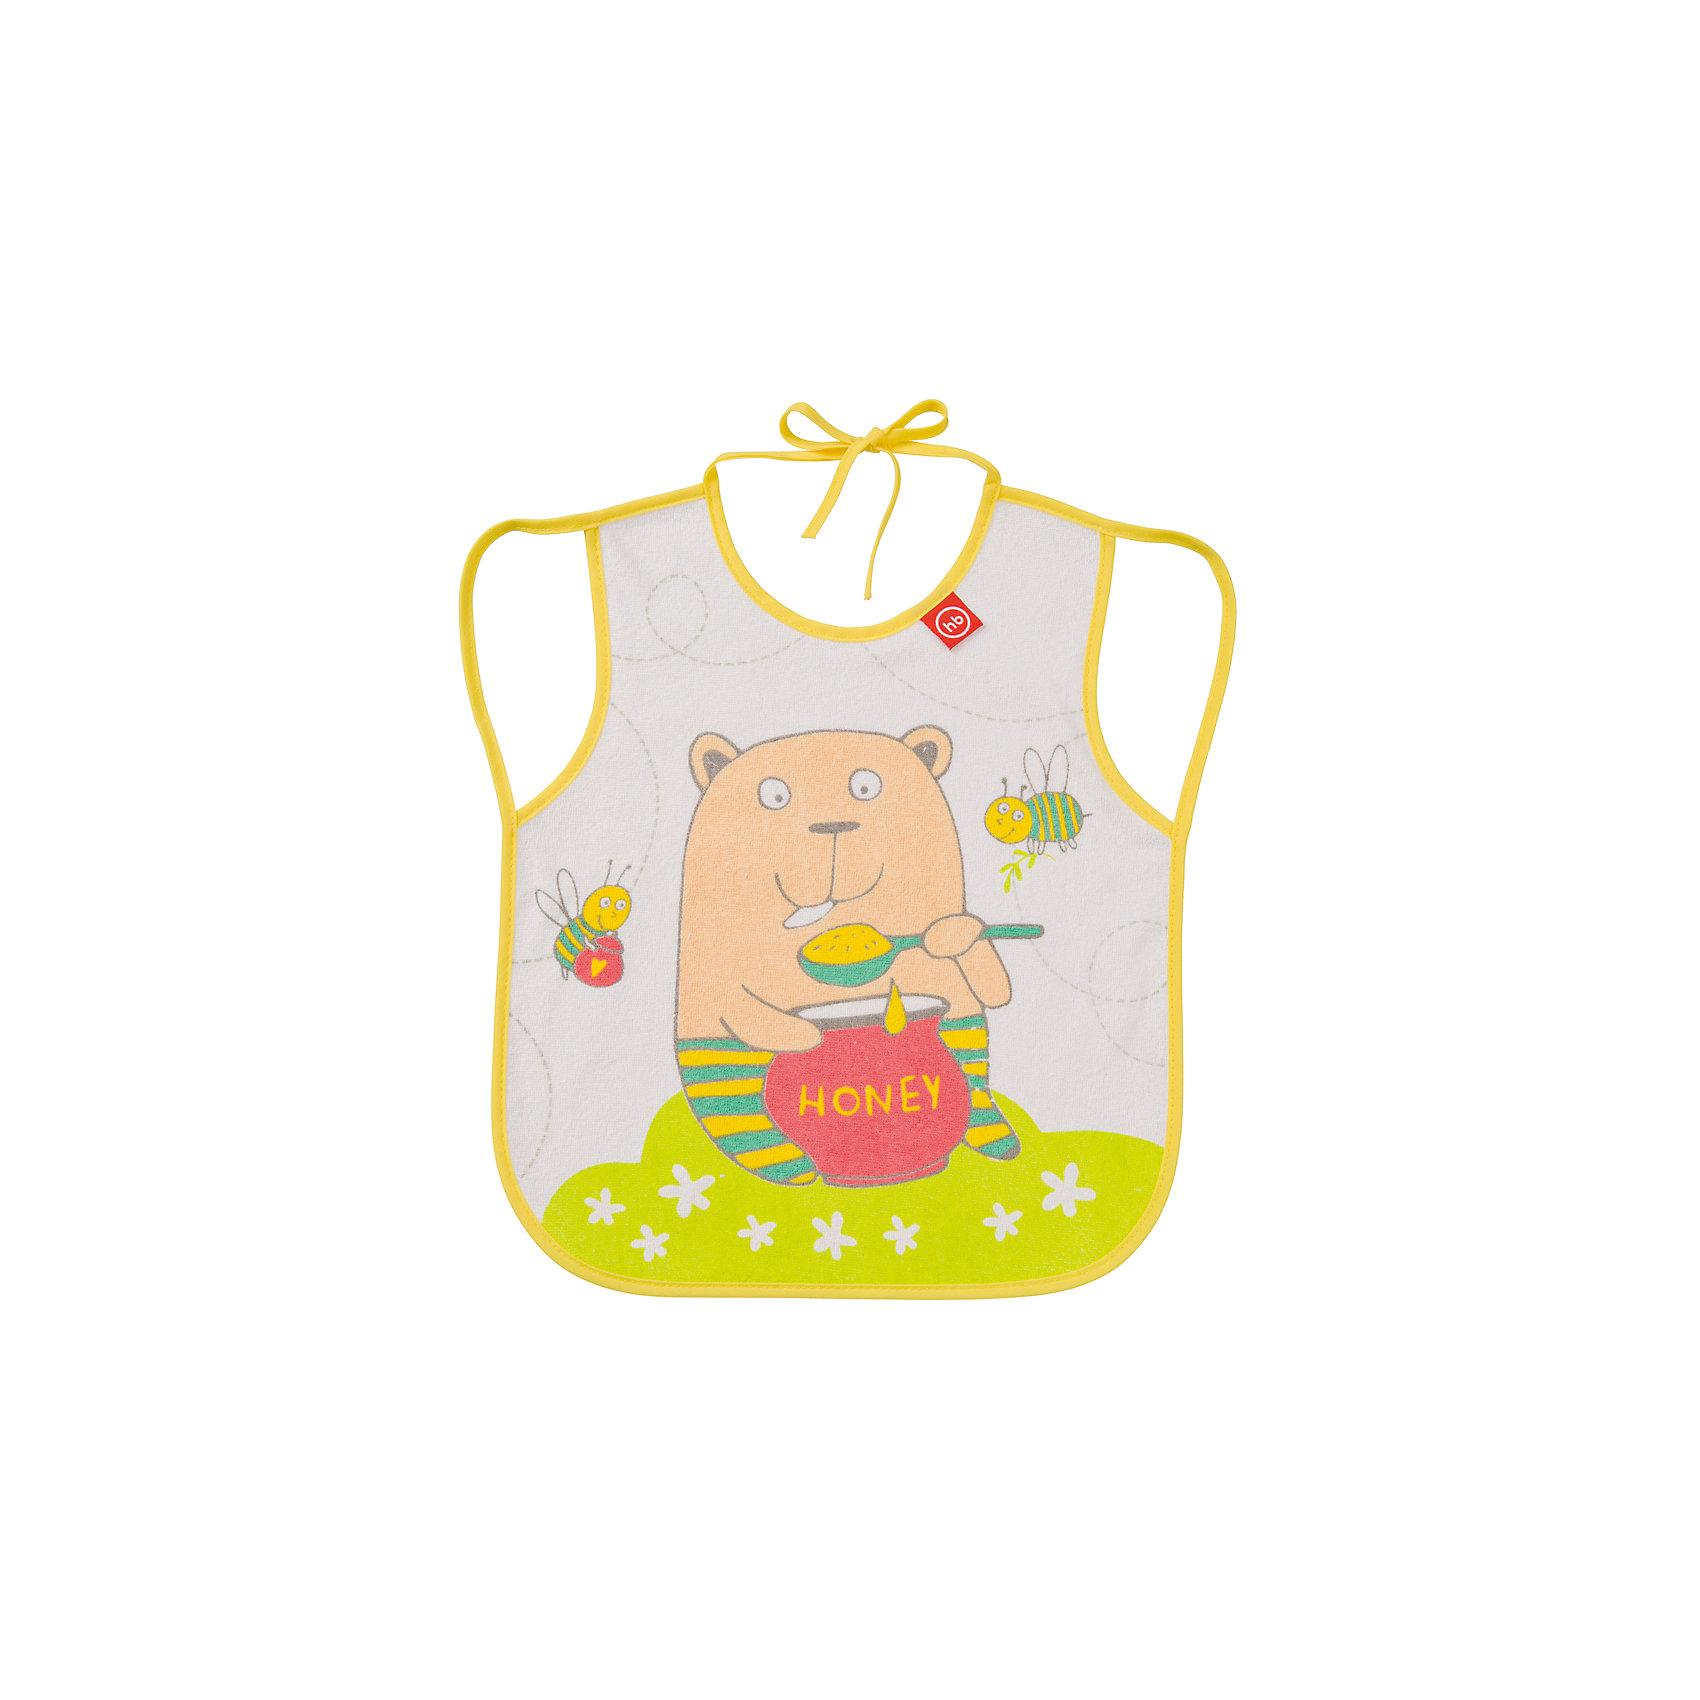 Фартук нагрудный, Happy Baby, желтыйНагрудники и салфетки<br>Кормление малыша, как правило, требует особой подготовки. Так же, как и приучить его есть и пить самому - непростой процесс, но на помощь родителям придут разработанные профессионалами приспособления - например, нагрудные фартуки. Фартук нагрудный от Happy Baby (Хэпи Бэби) позволит малышу легче научиться есть и пить самостоятельно.<br>Он отличается удобной формой, приятный на ощупь, из мягкого материала. Надежно защитит одежду малыша от остатков пищи и пятен, так как имеет непромокаемую подкладку. Нагрудный фартук легко надевается благодаря лямкам и завязке на шее. Украшен он симпатичным рисунком. Сделан нагрудный фартук из высококачественных и безопасных для малышей материалов.<br><br>Дополнительная информация:<br><br>цвет: разноцветный;<br>удобная форма;<br>украшен принтом;<br>непромокаемая подкладка.<br><br>Фартук нагрудный, Happy Baby (Хэпи Бэби),, желтый, можно купить в нашем магазине.<br><br>Ширина мм: 10<br>Глубина мм: 200<br>Высота мм: 320<br>Вес г: 42<br>Возраст от месяцев: 3<br>Возраст до месяцев: 36<br>Пол: Унисекс<br>Возраст: Детский<br>SKU: 4695012